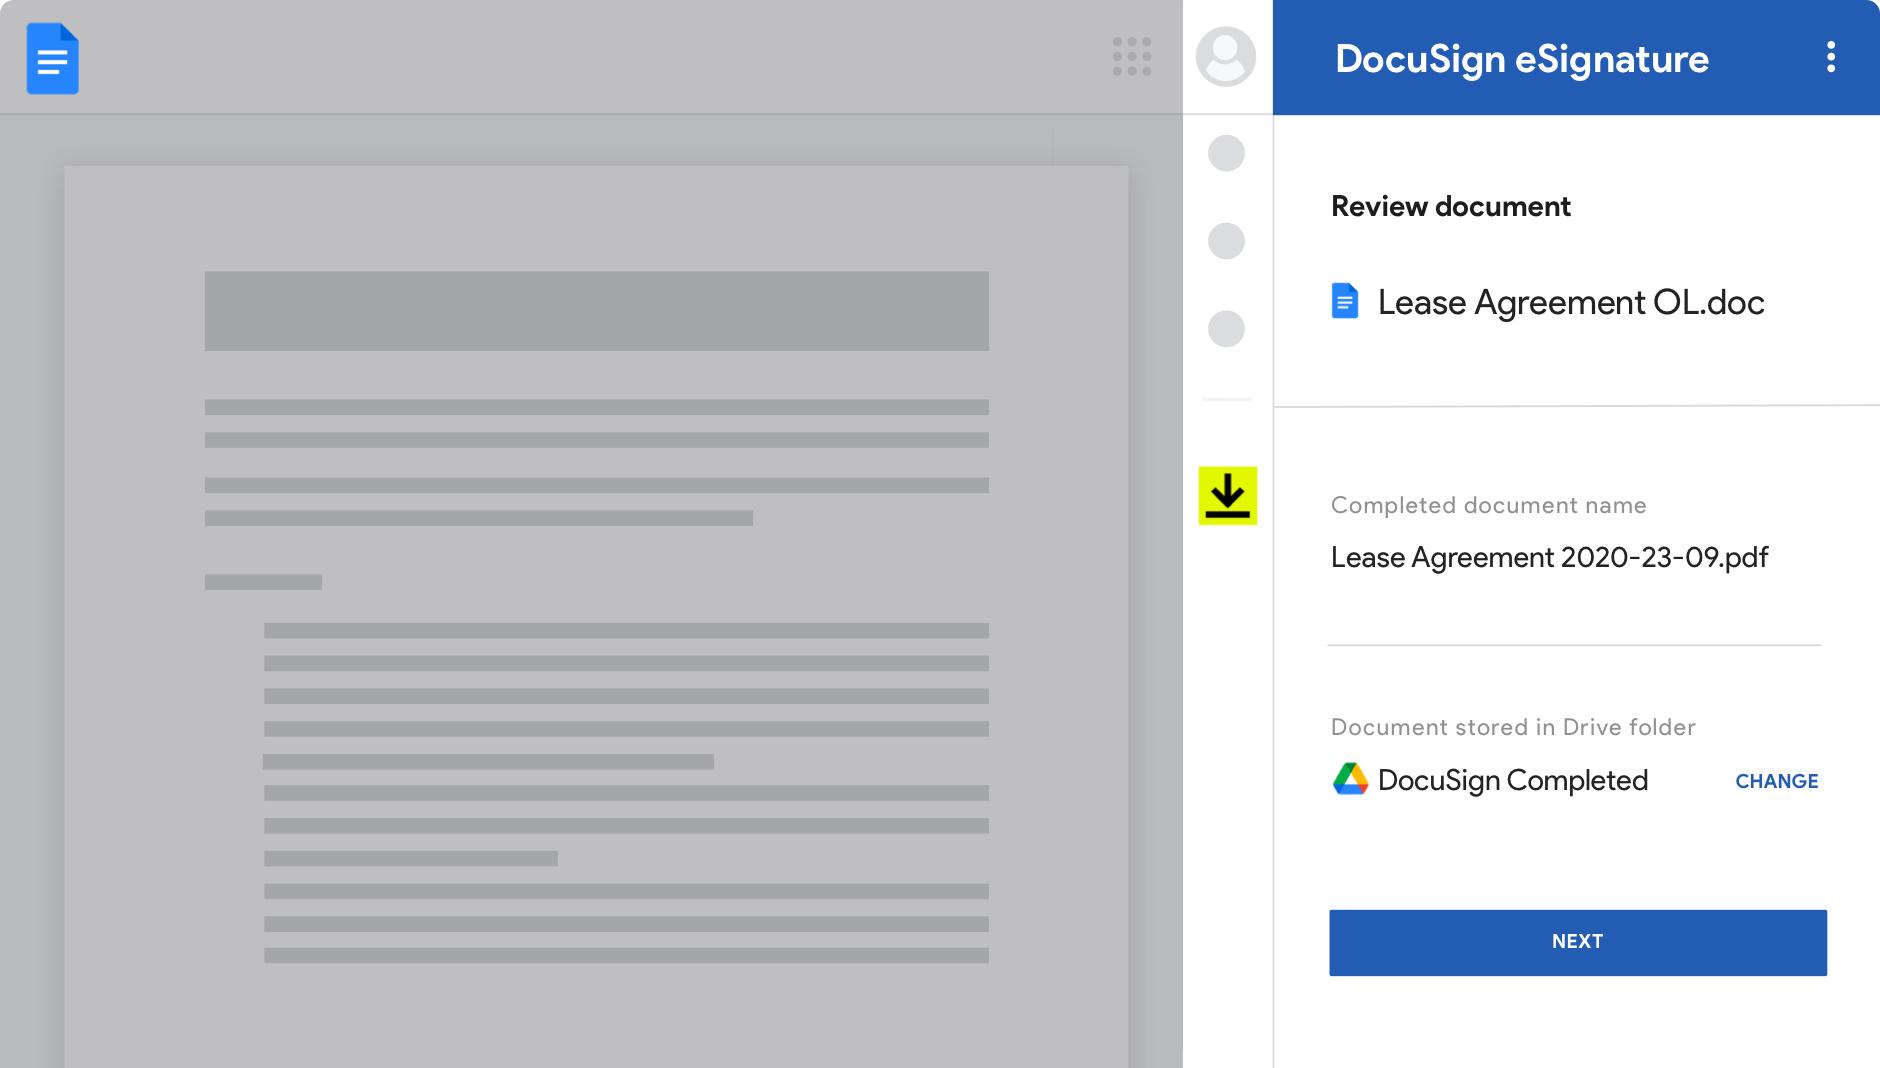 Google Docs com DocuSign eSignature mostrando os acordos e seus status.